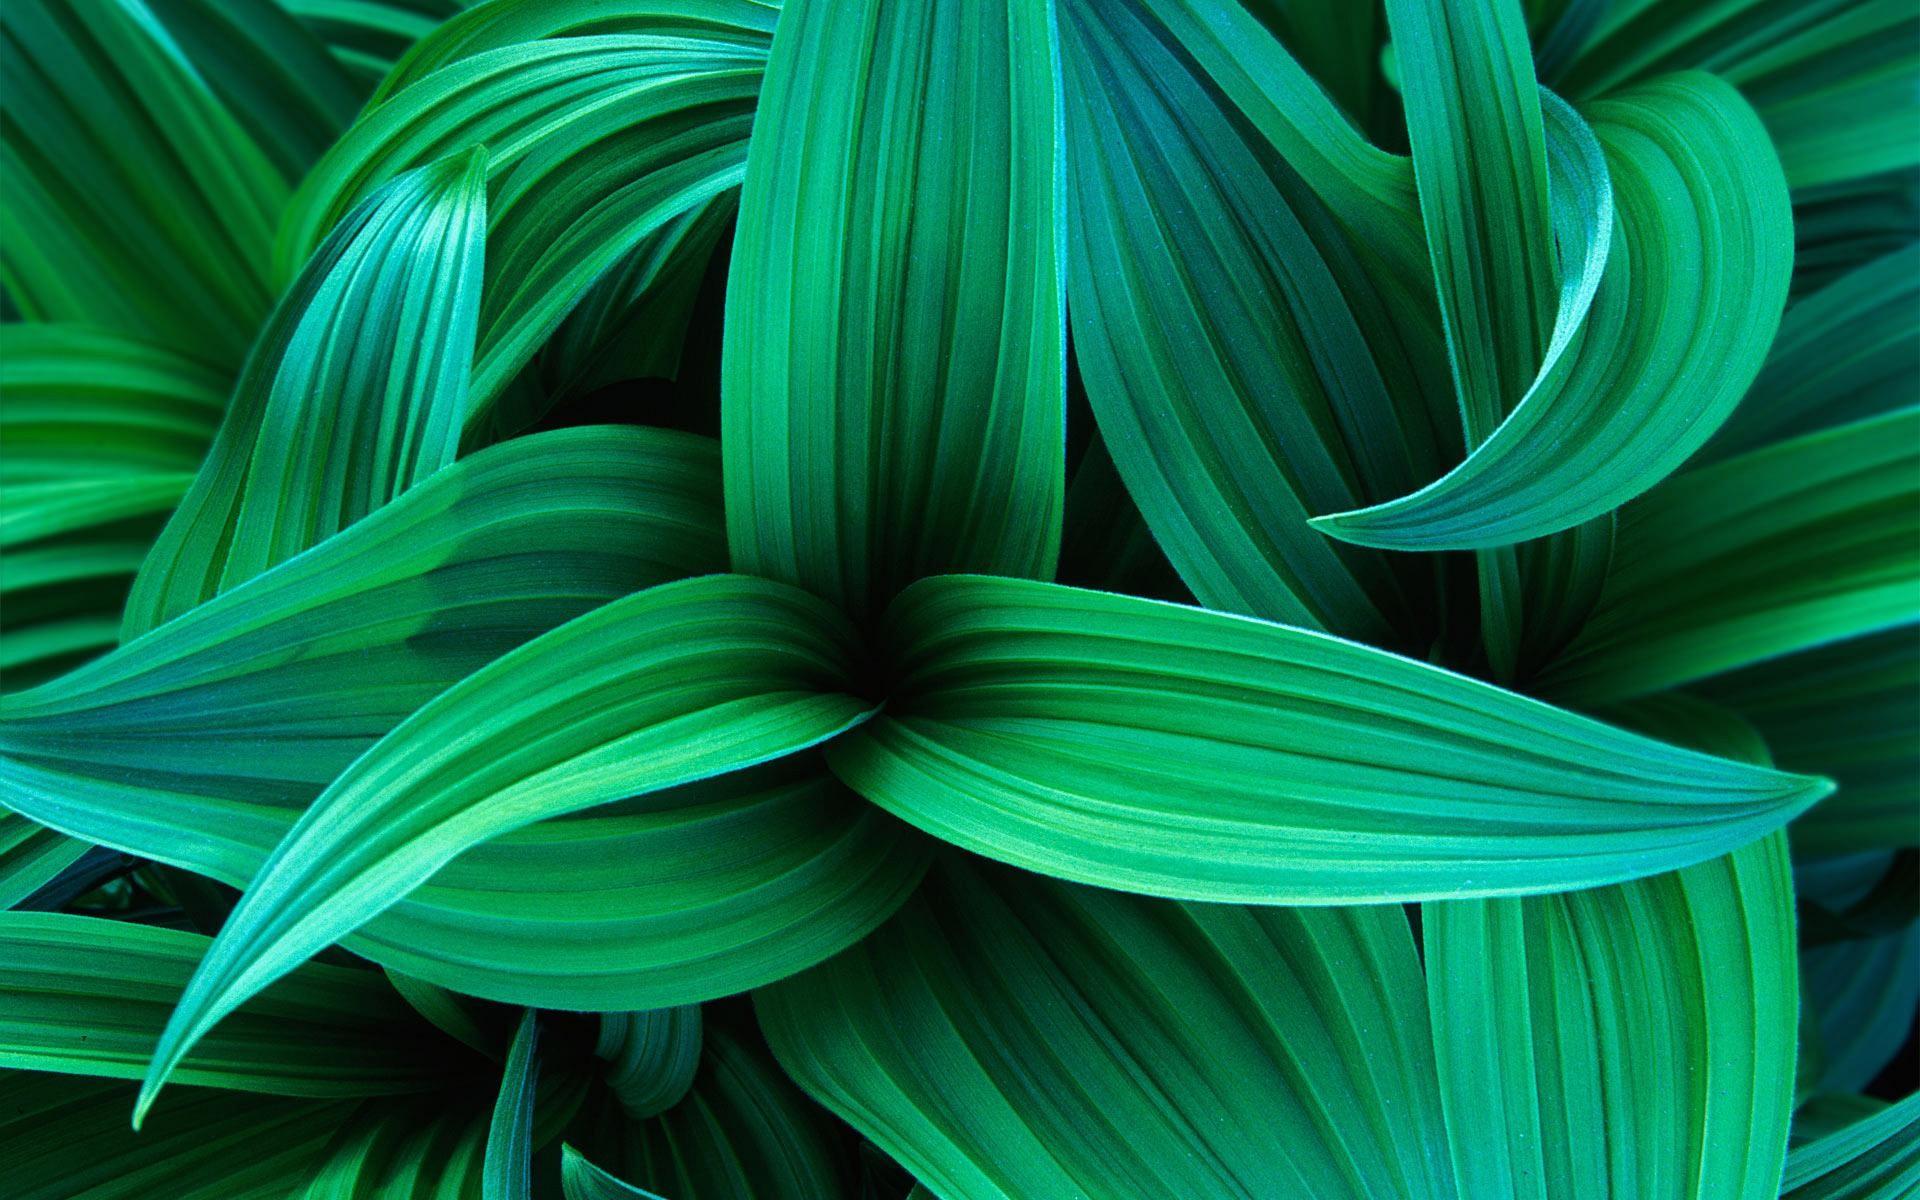 Green Leaves Wallpaper ·①